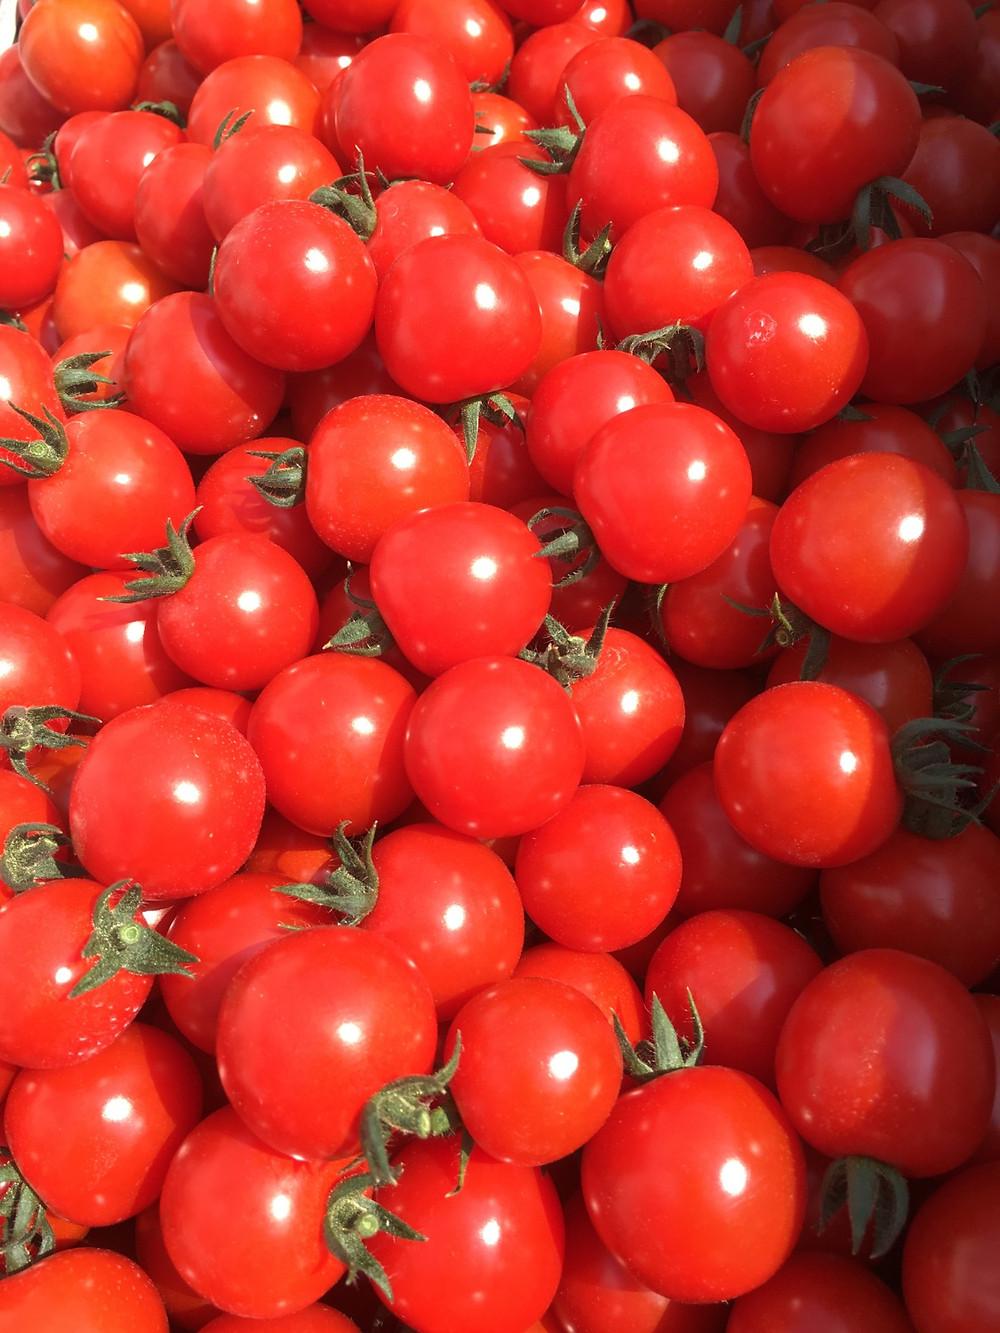 収獲されたミニトマト